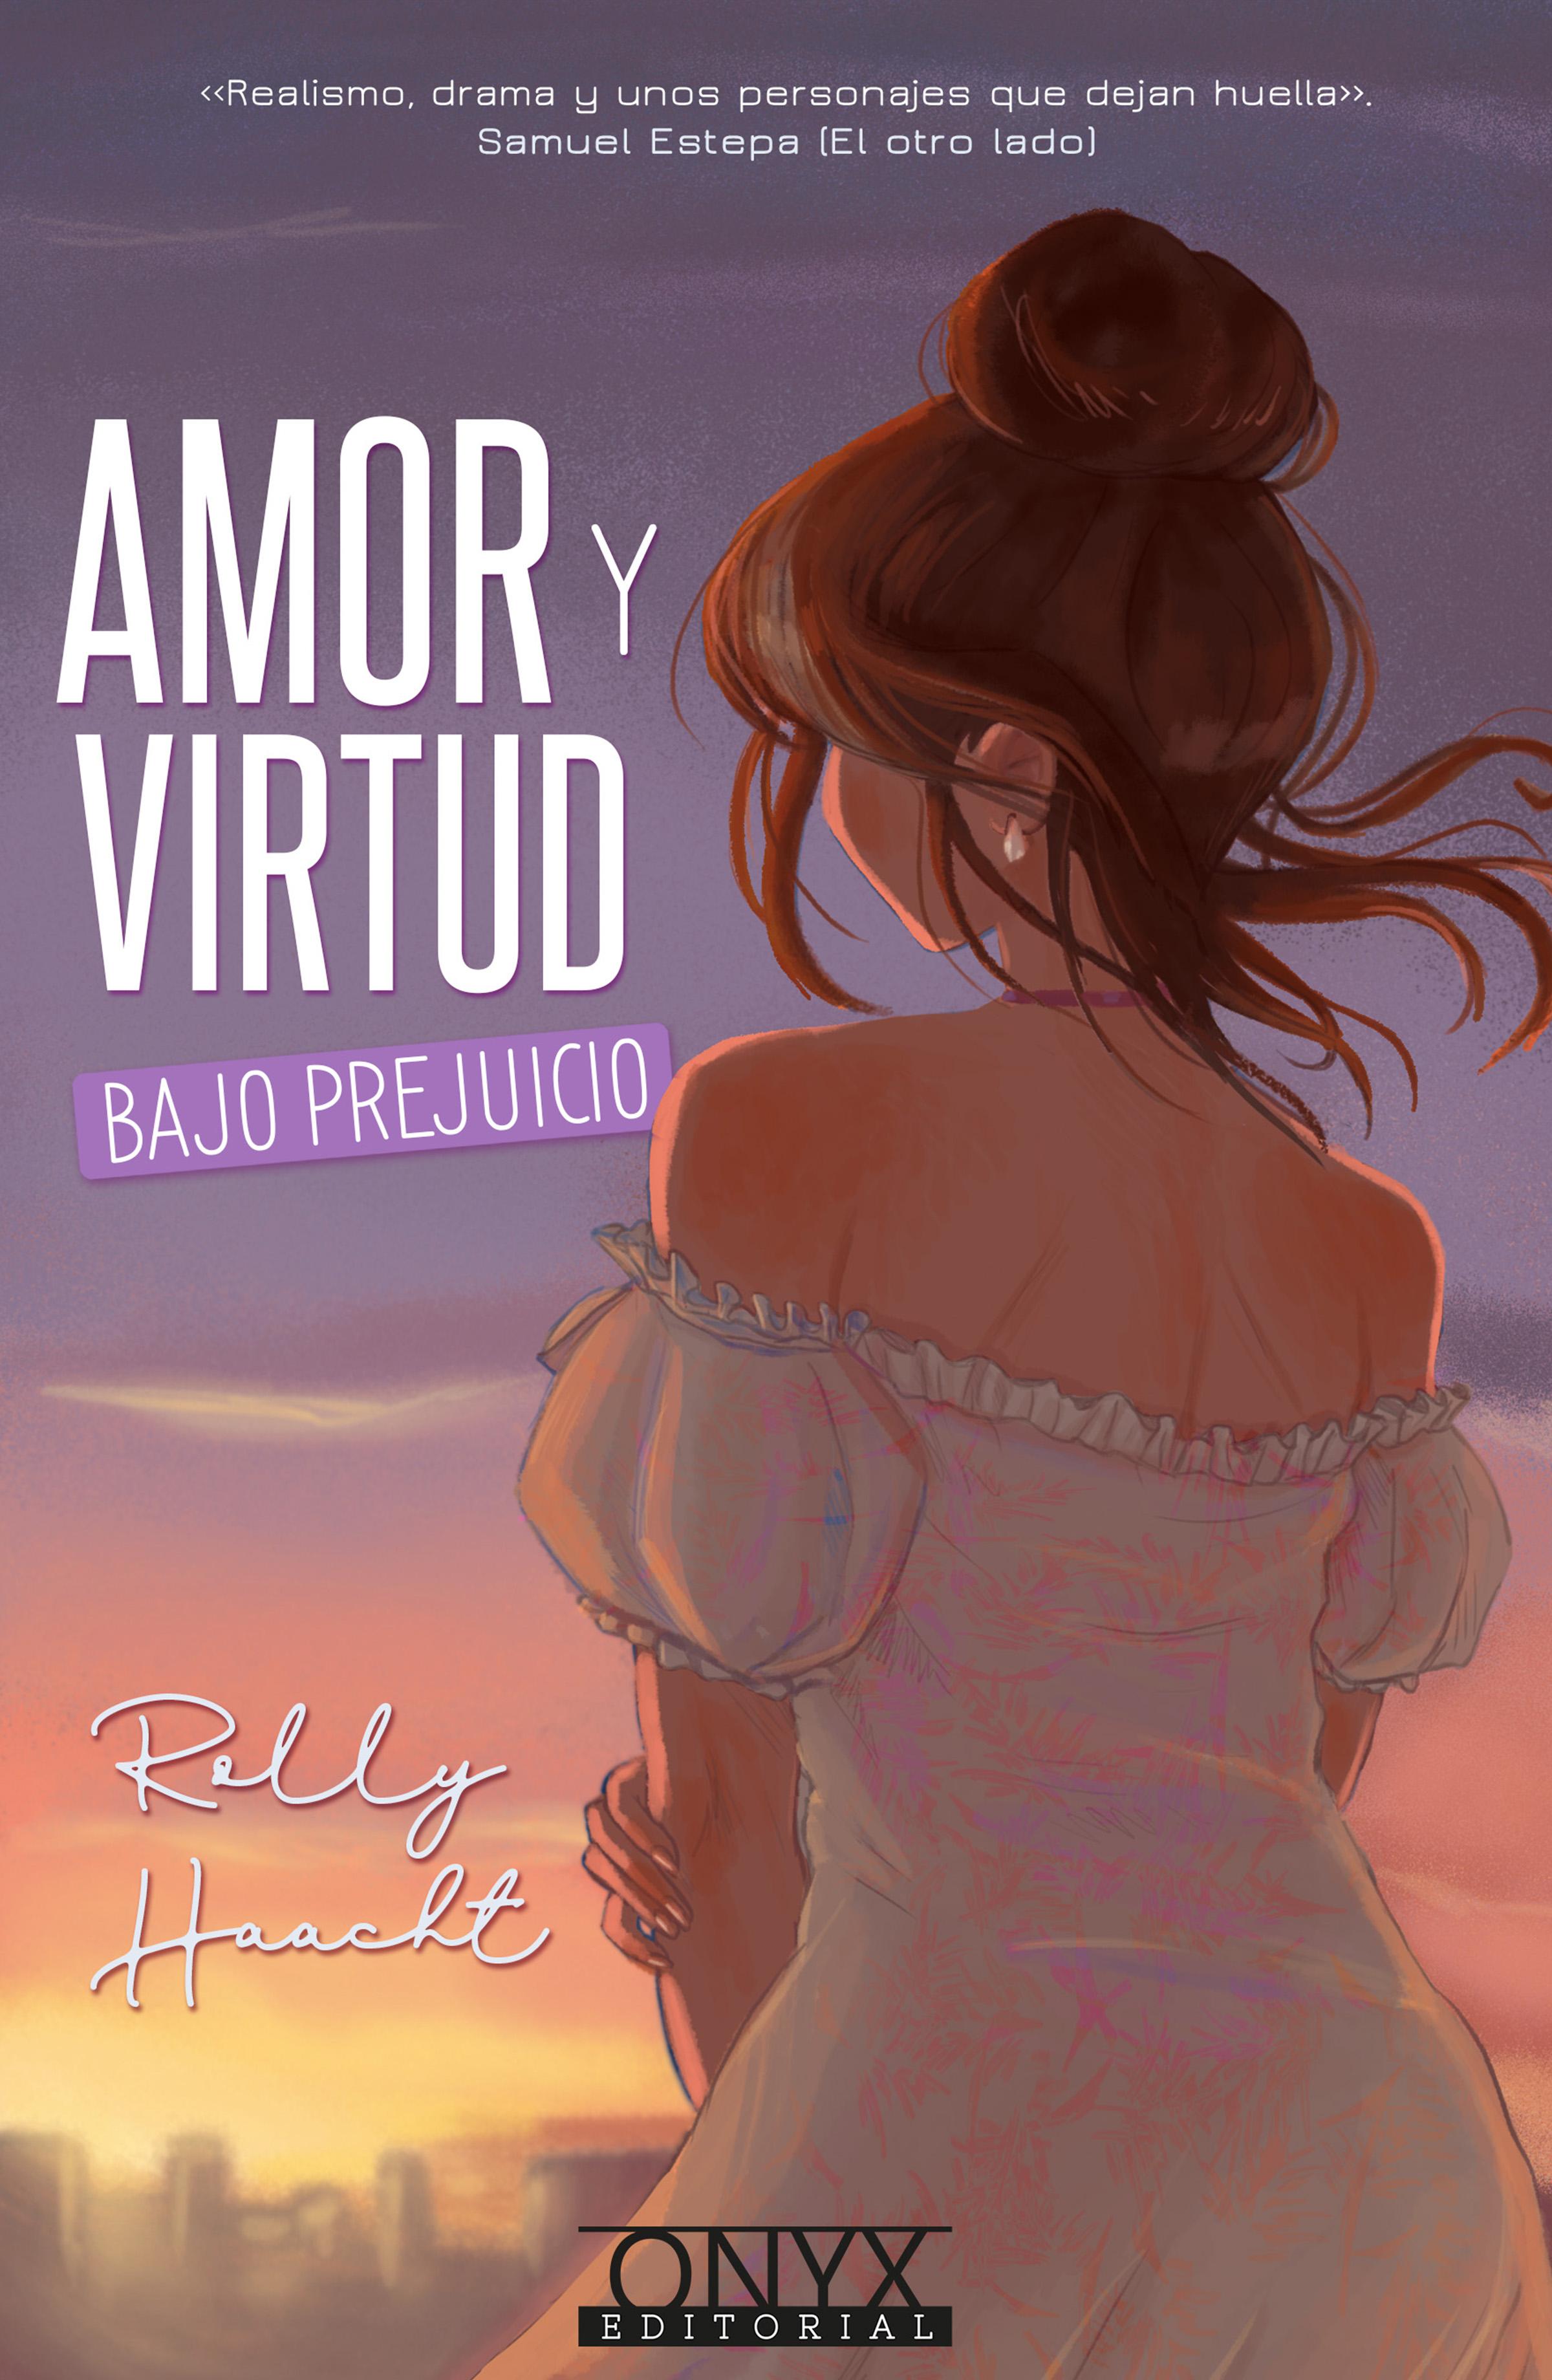 Rolly Haacht Amor y virtud bajo prejuicio цена